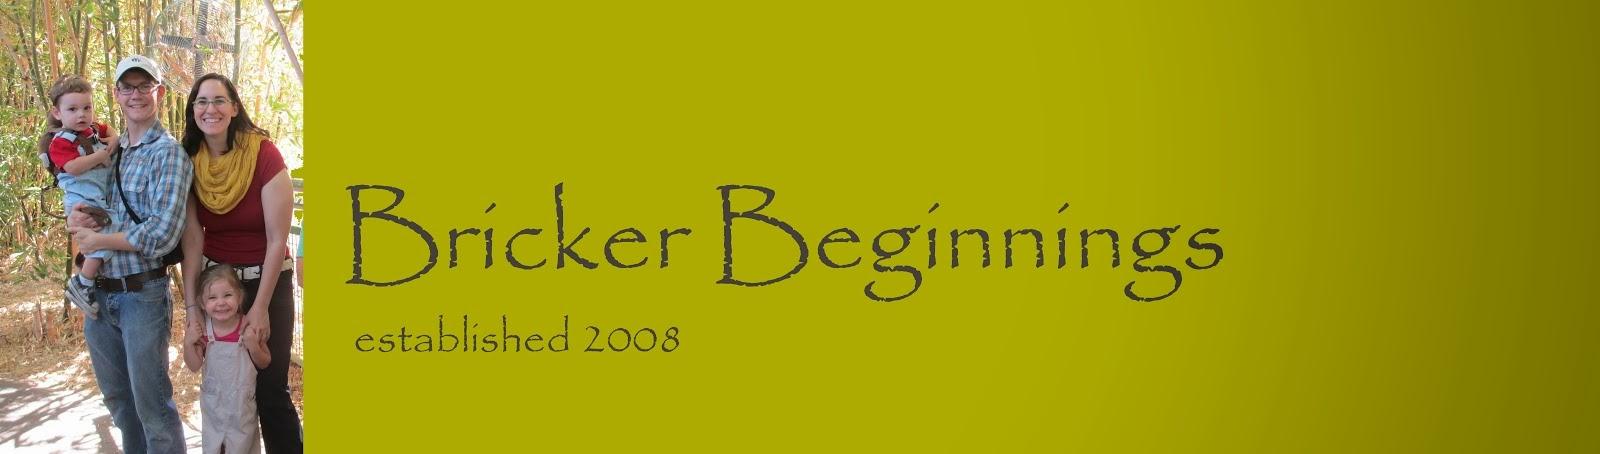 Bricker Beginnings